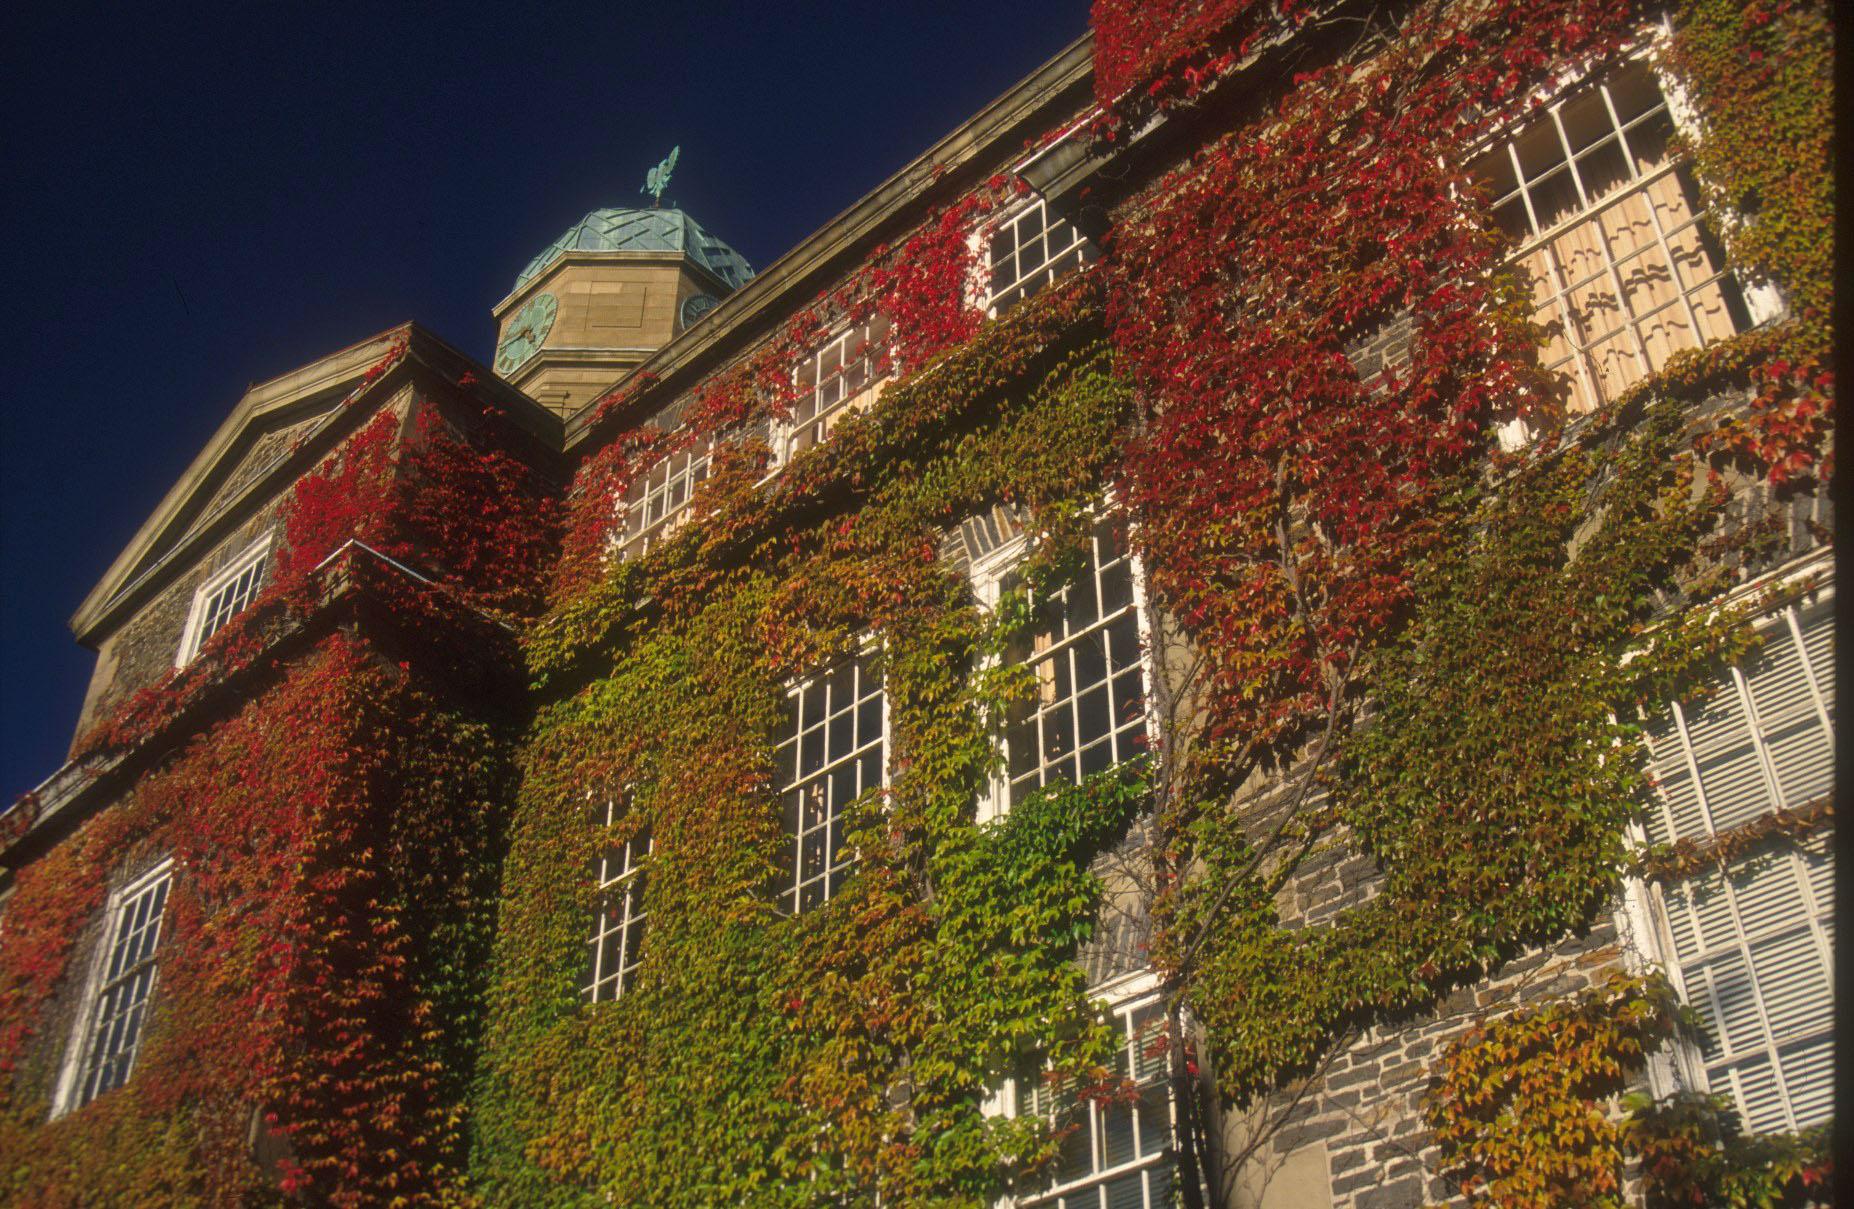 осень в архитектуре - горизонт